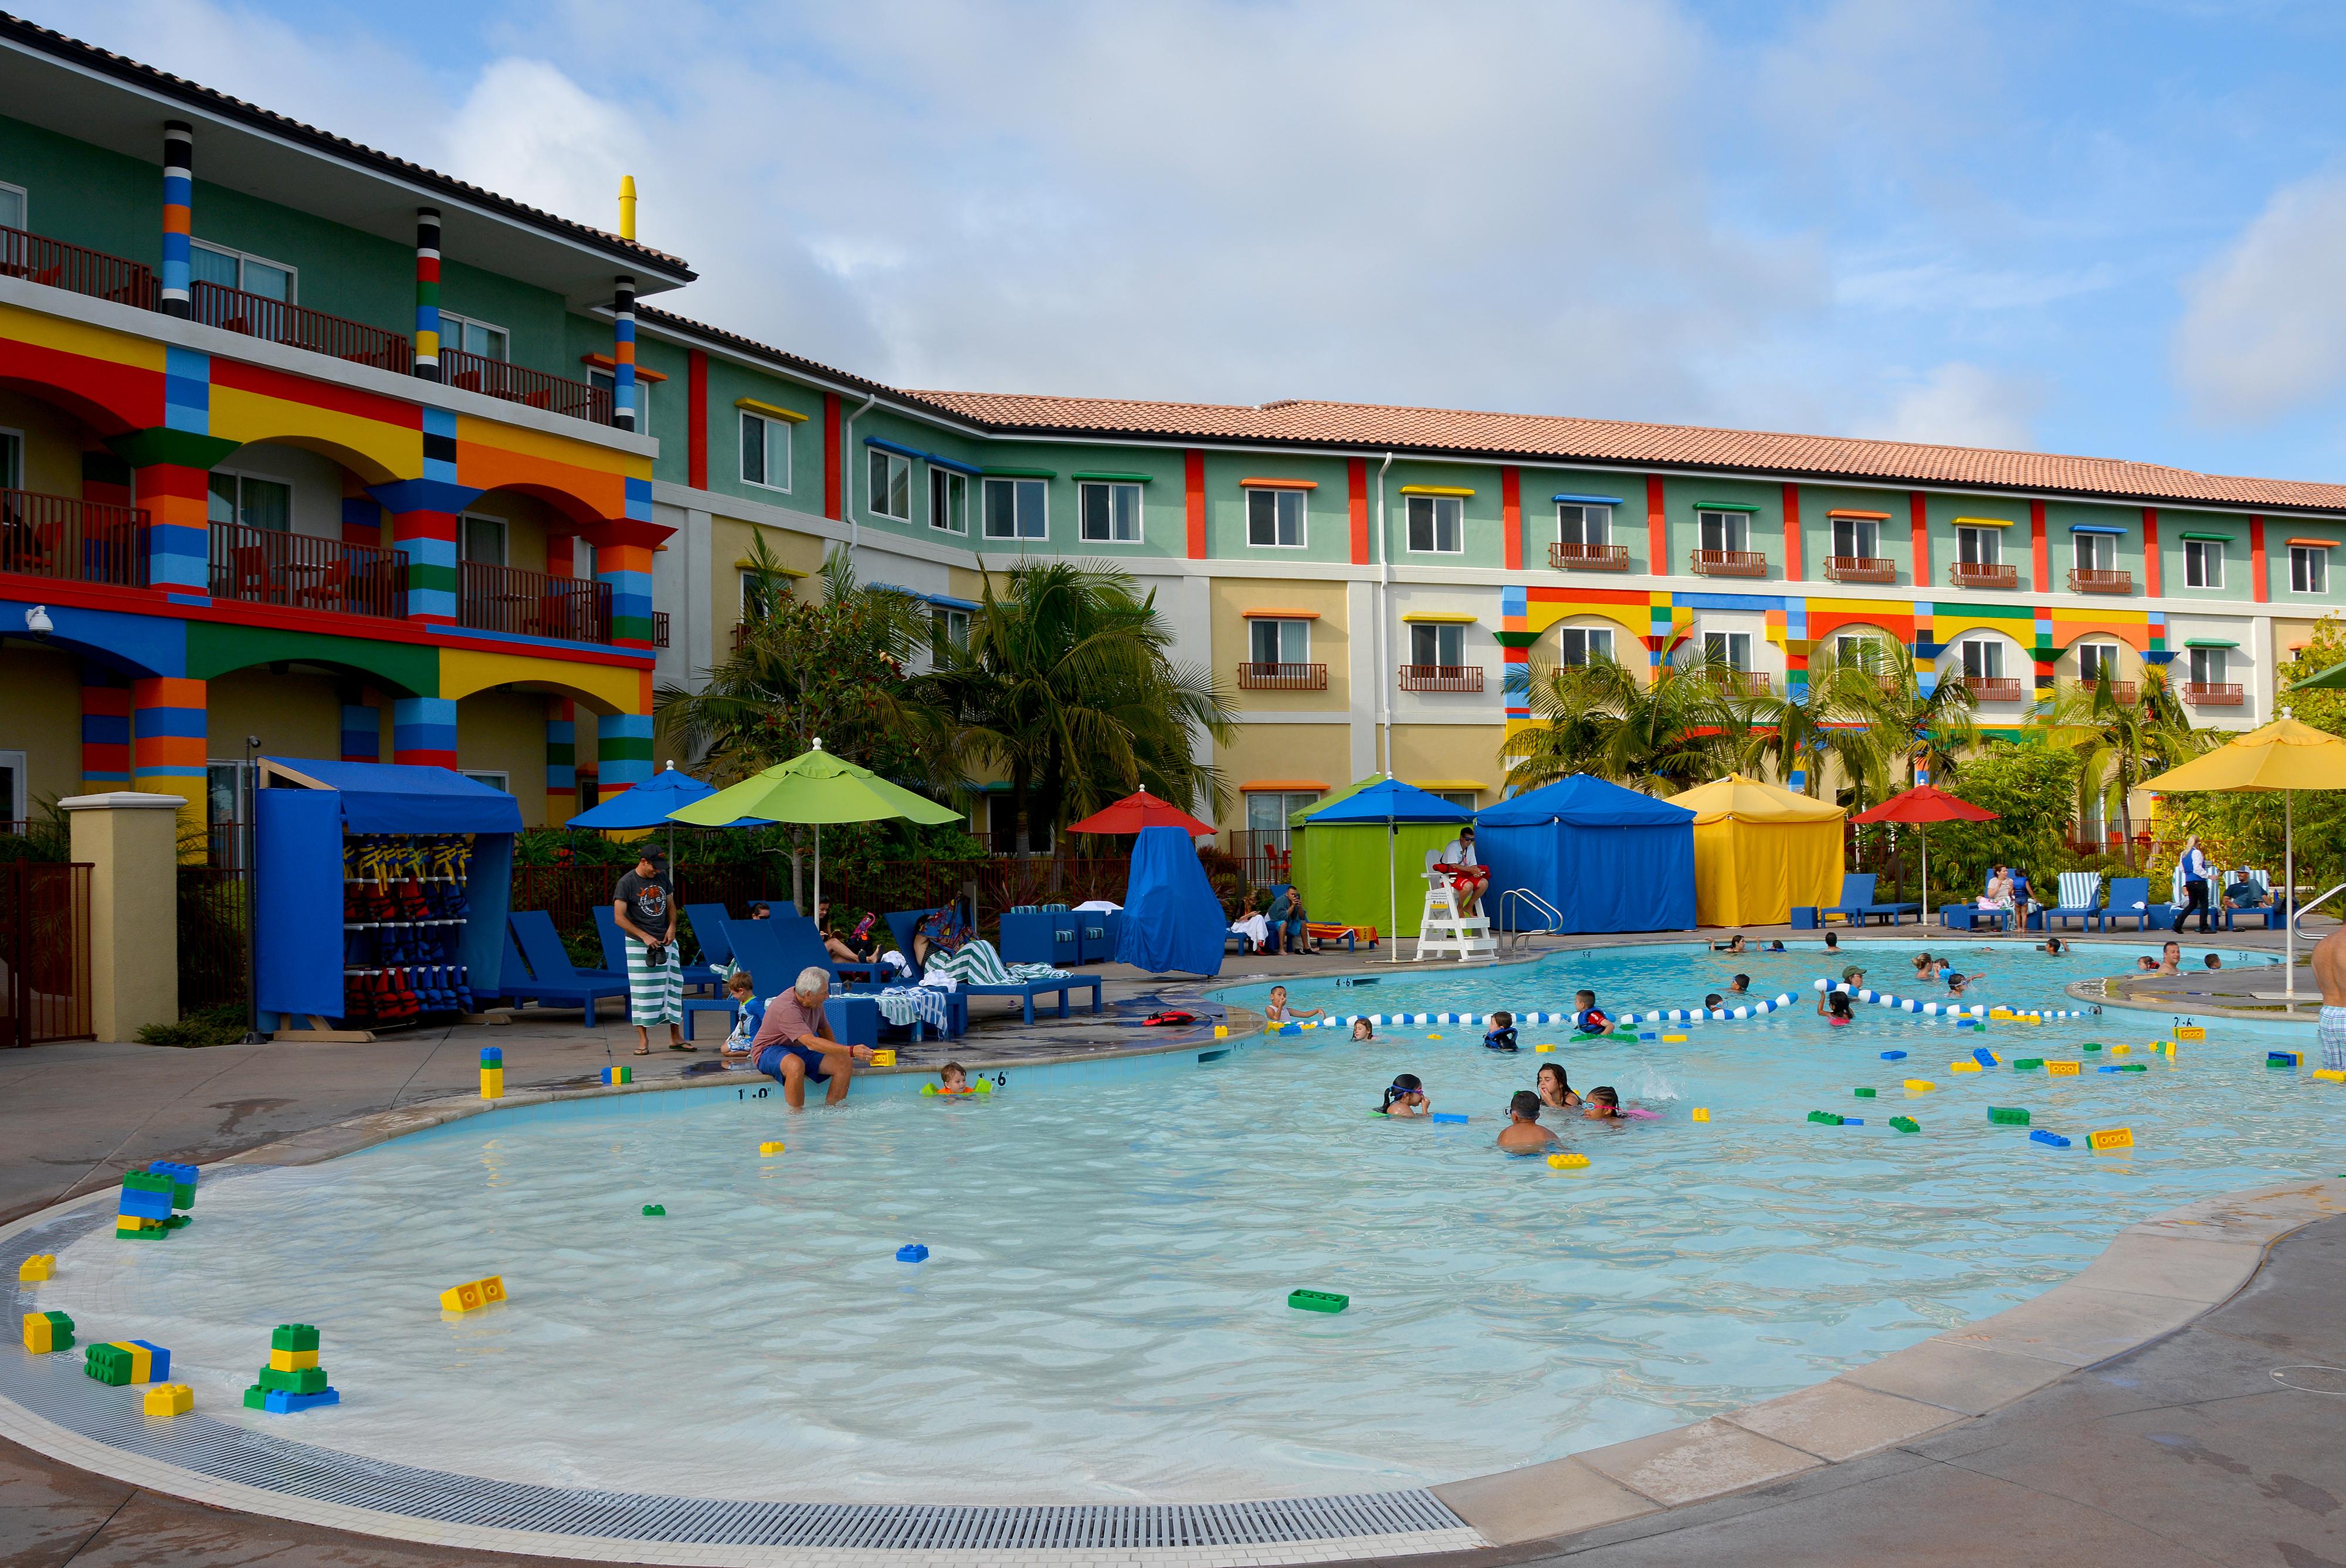 legoland hotel carlsbad pool